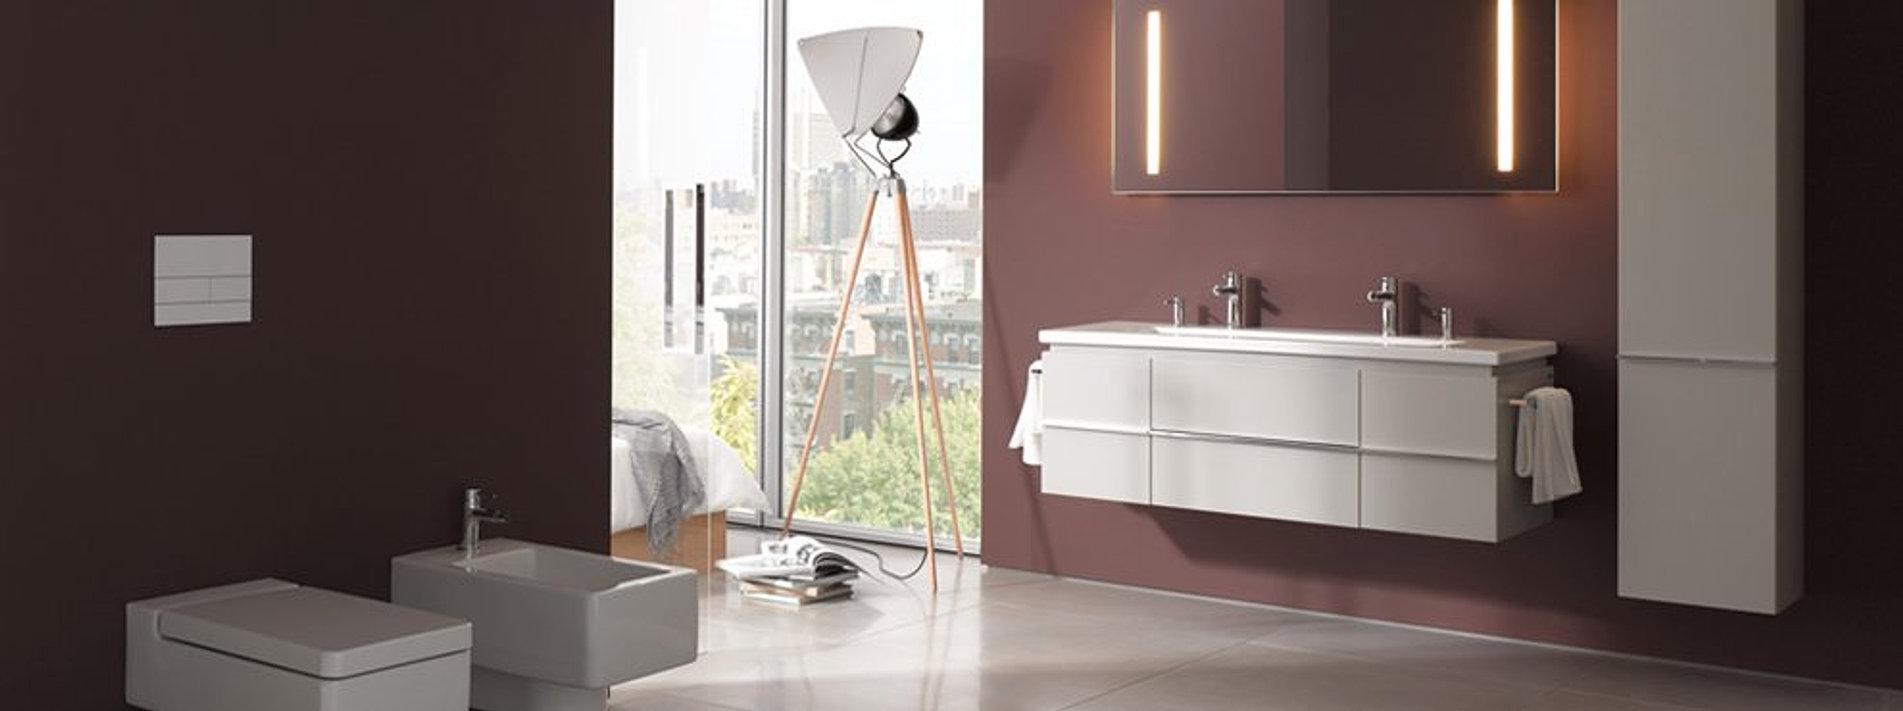 badwelten luxur se badezimmer badezimmereinrichtung. Black Bedroom Furniture Sets. Home Design Ideas